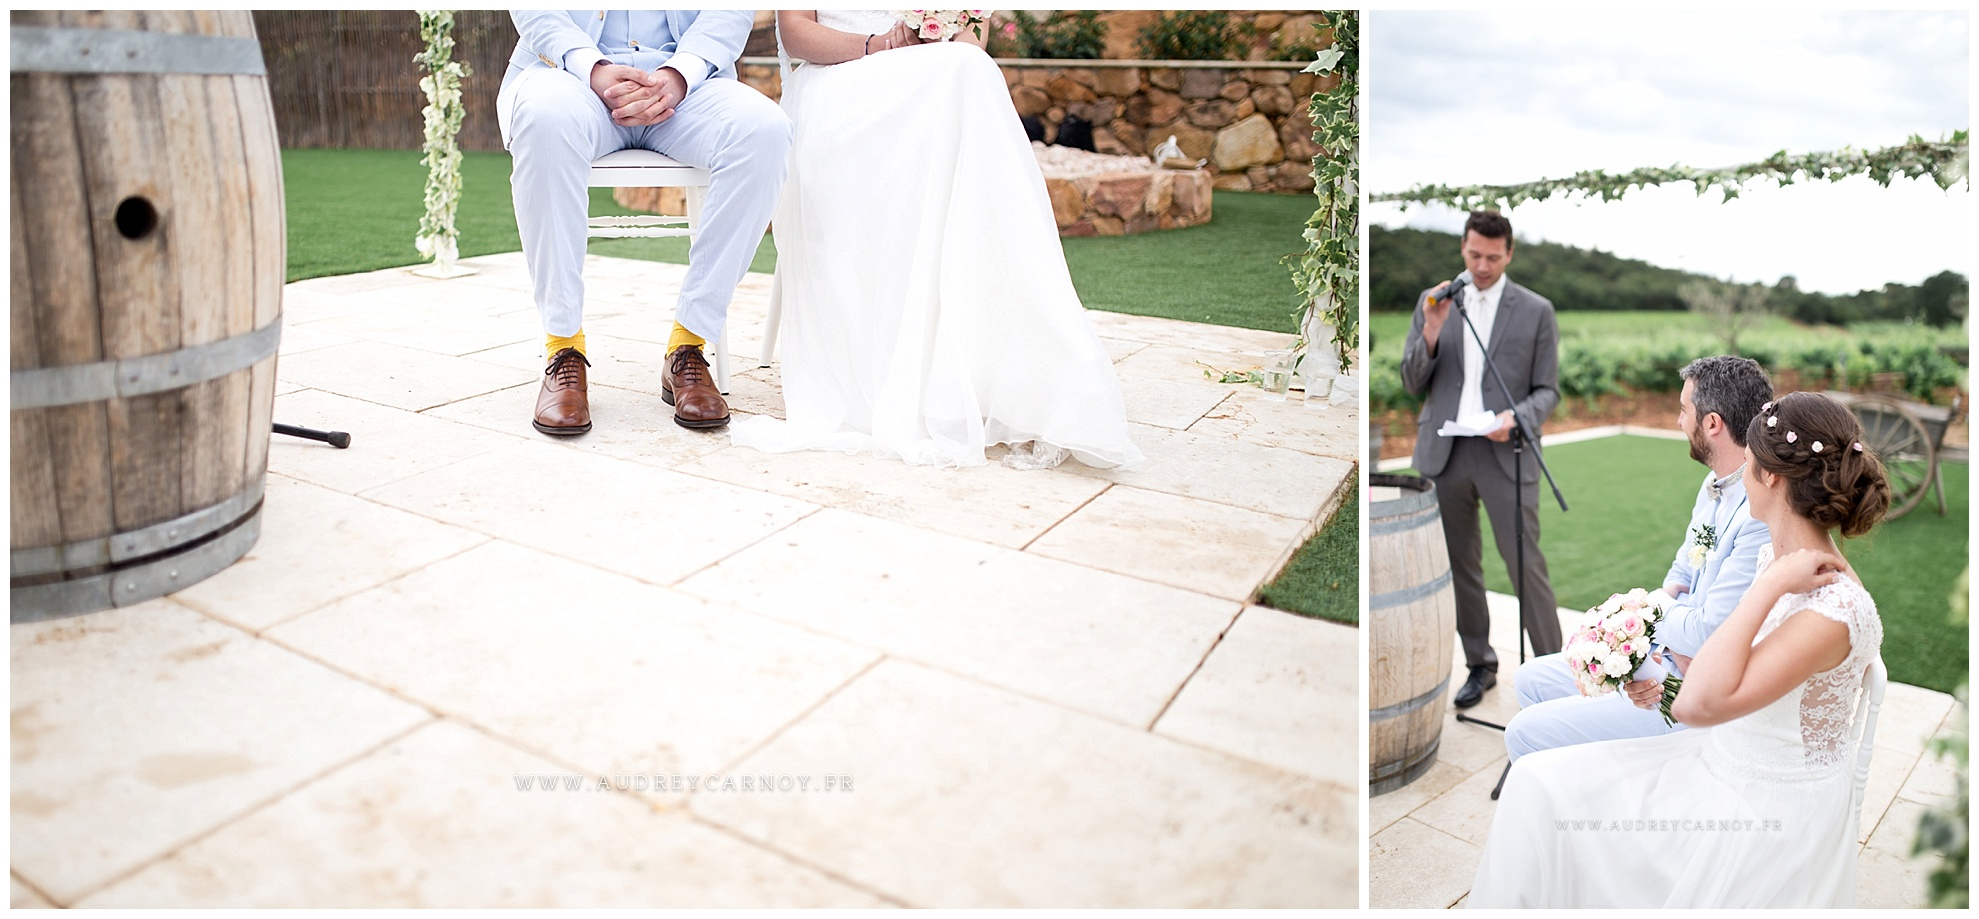 Mariage au domaine de la Bouverie - Roquebrunes sur Argens | Sophie & Nicolas 34